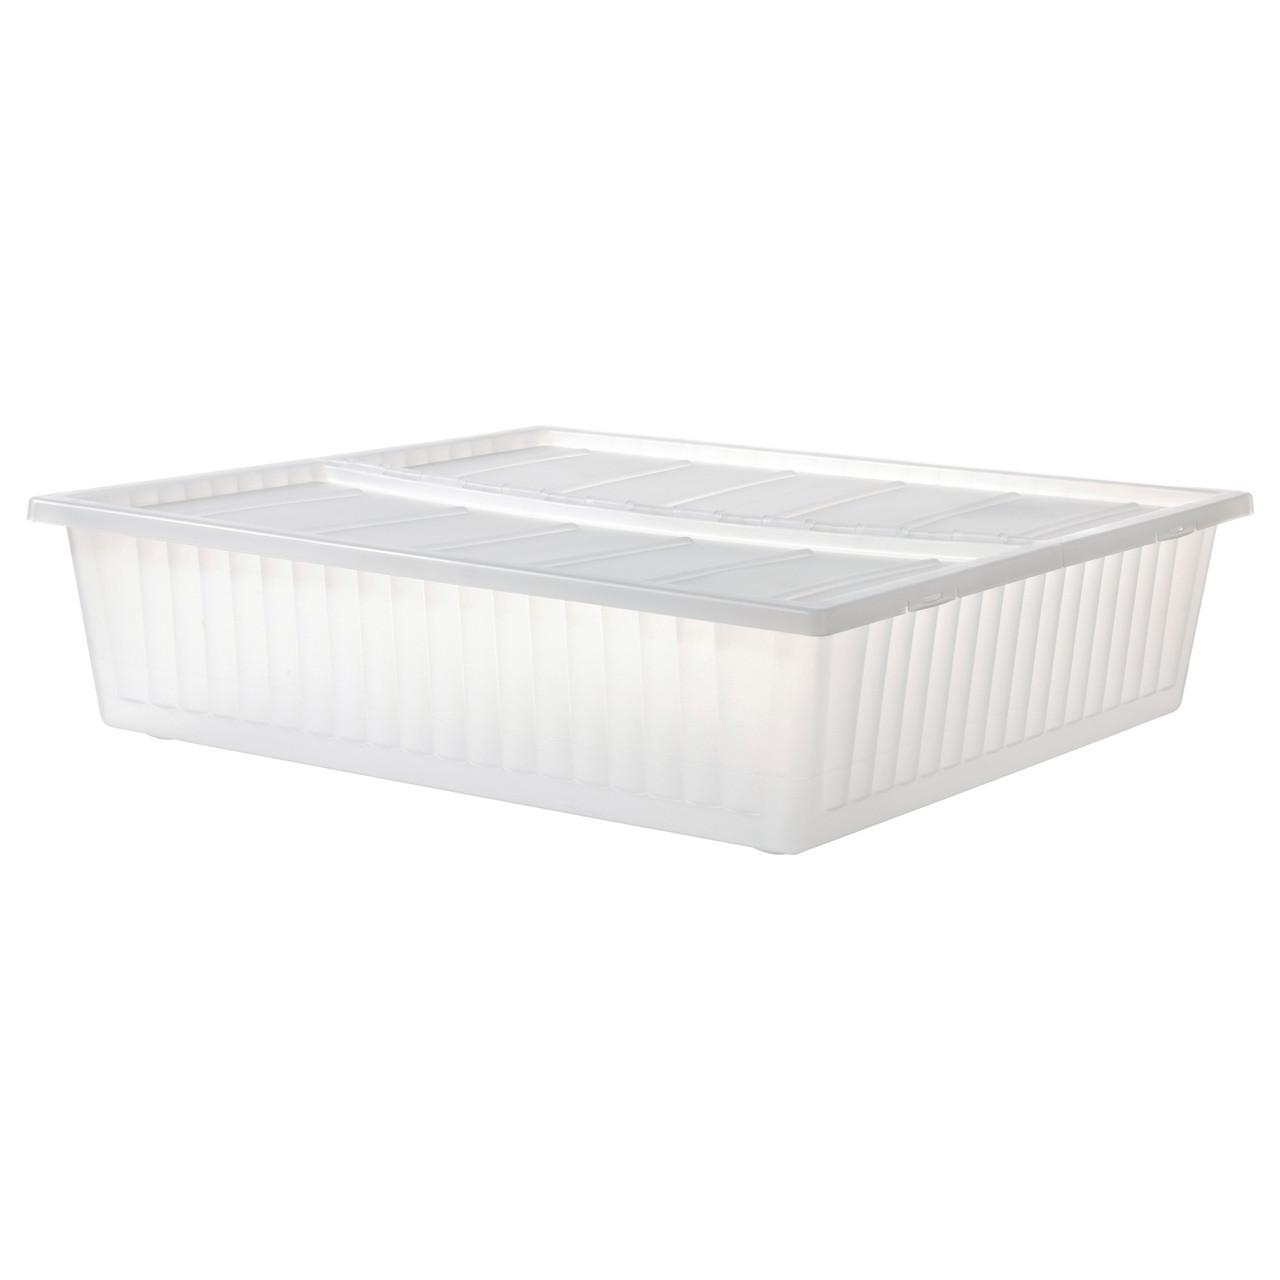 ГИМСЕ Ящик кроватный, белый, 65x70 см 20222665 ИКЕА, IKEA, GIMSE